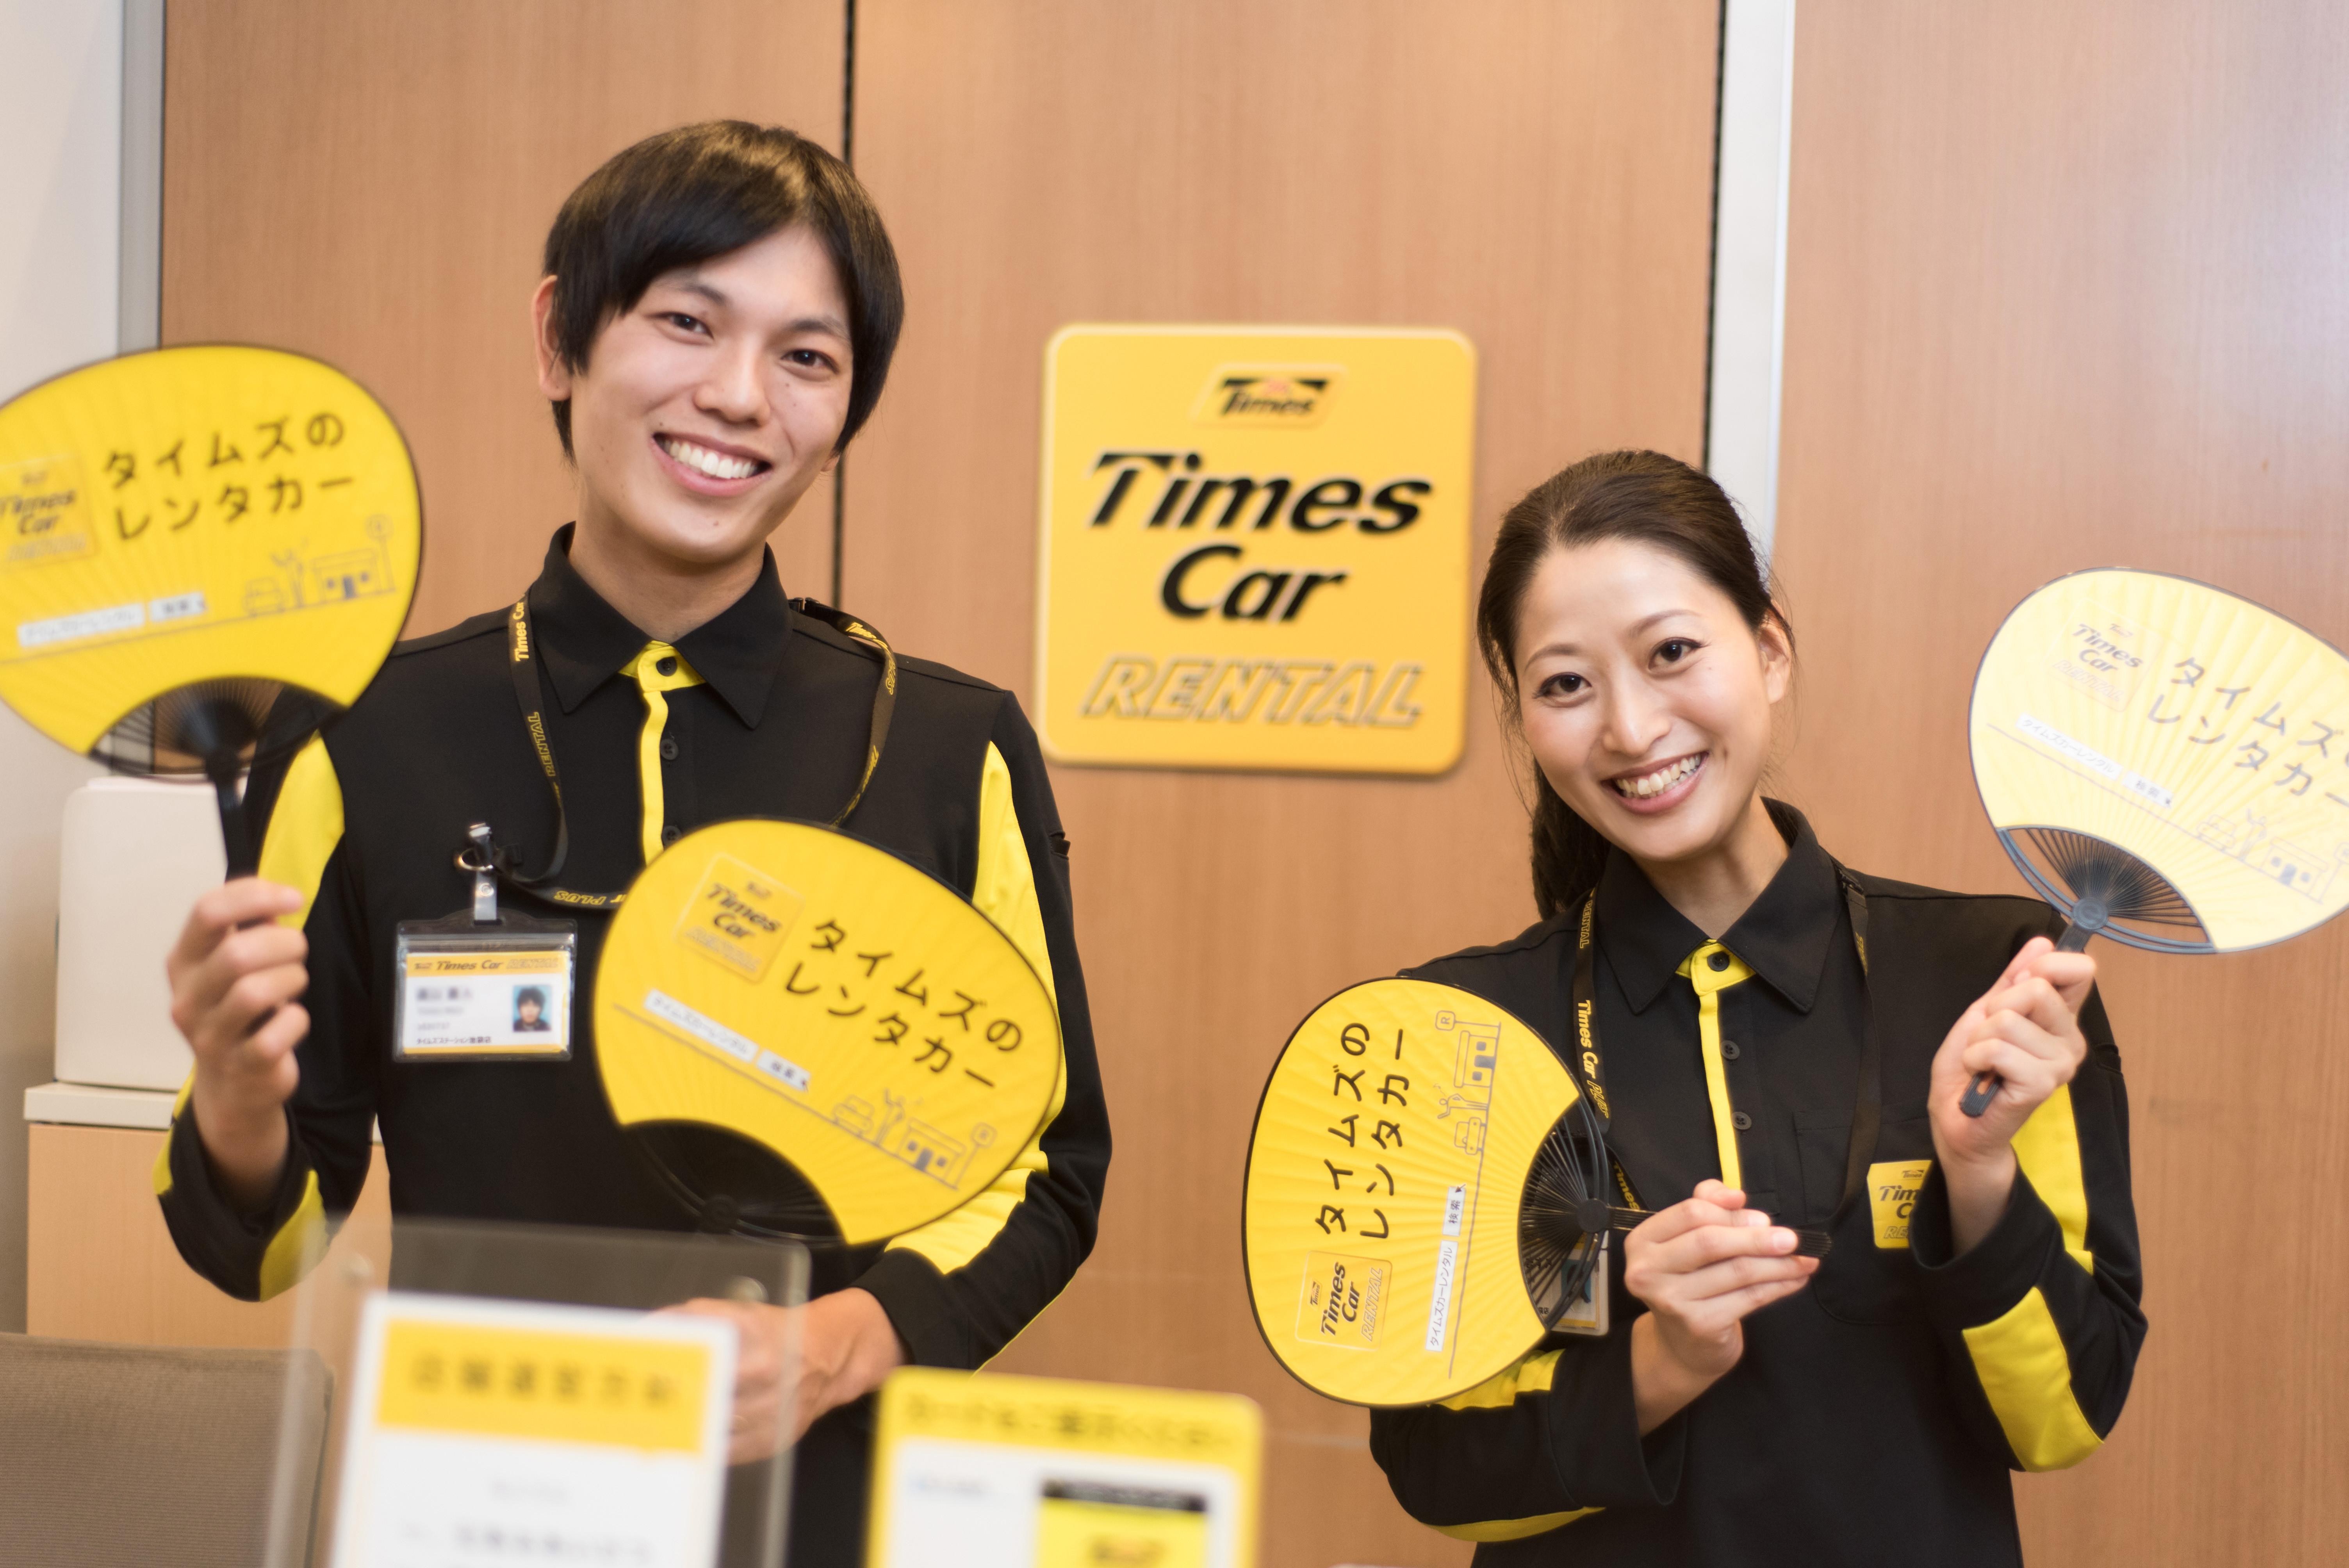 タイムズカーレンタル 新井口駅前店 のアルバイト情報